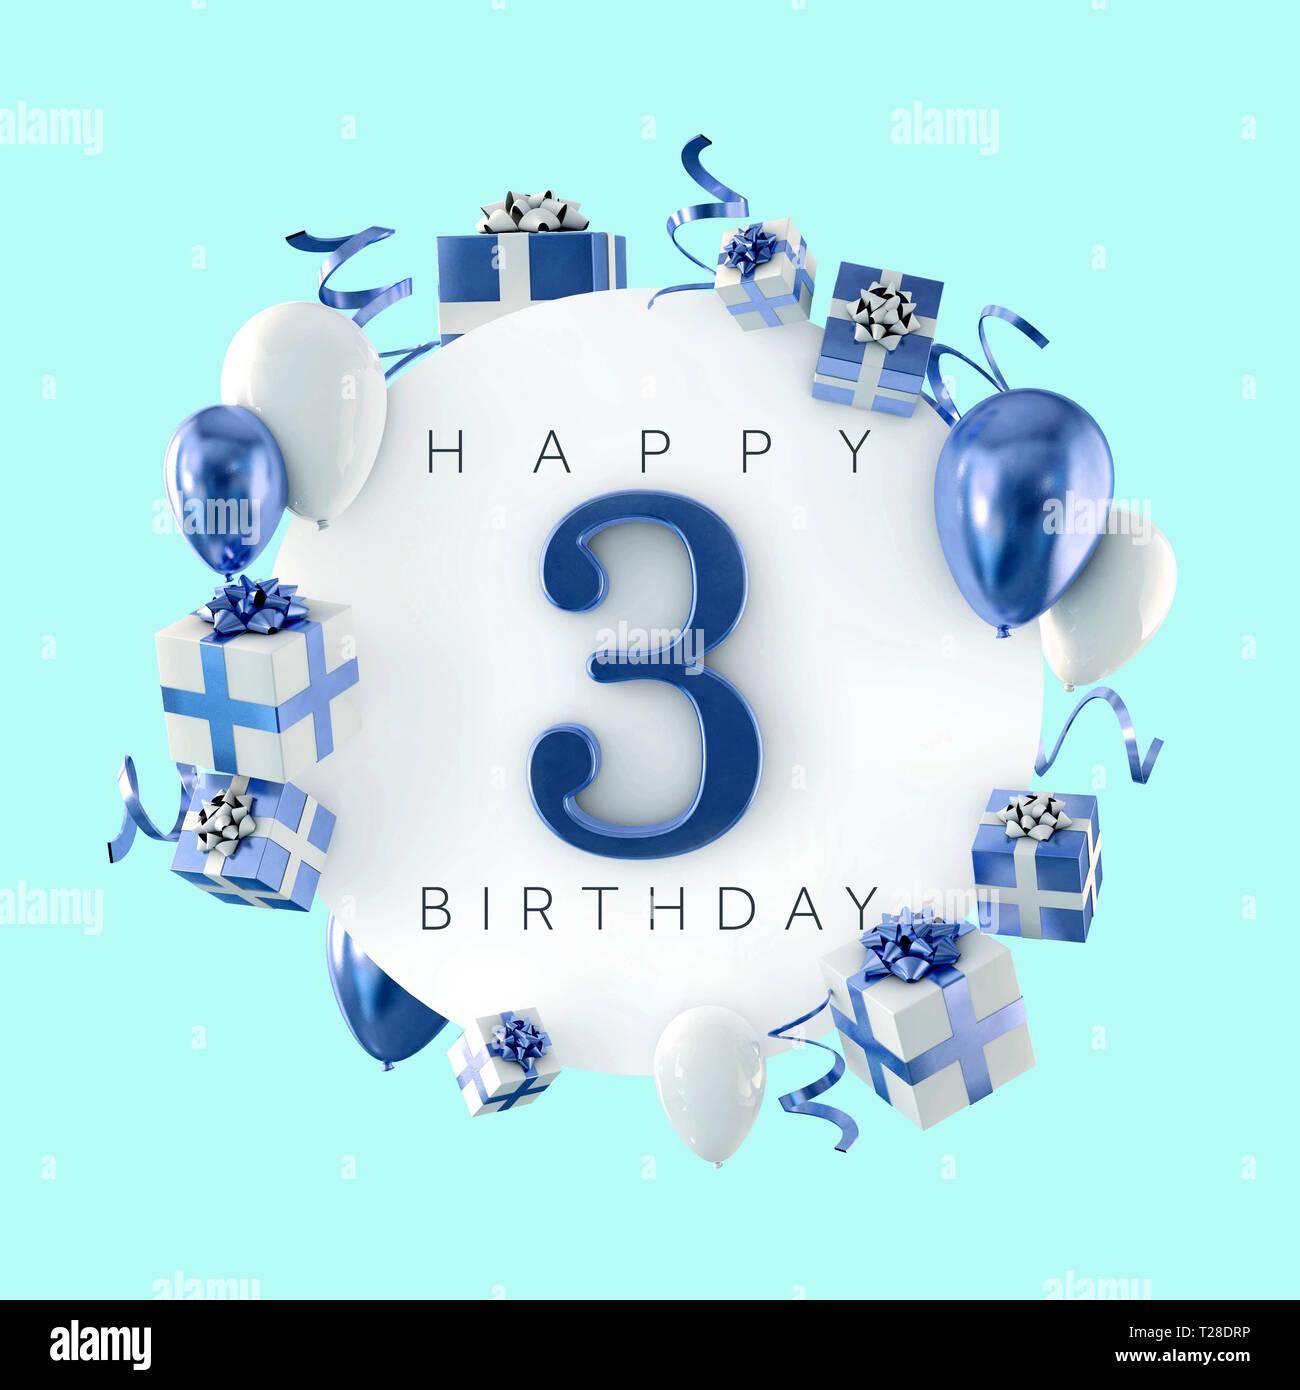 Happy 3rd Birthday Stockfotos Und Bilder Kaufen Alamy